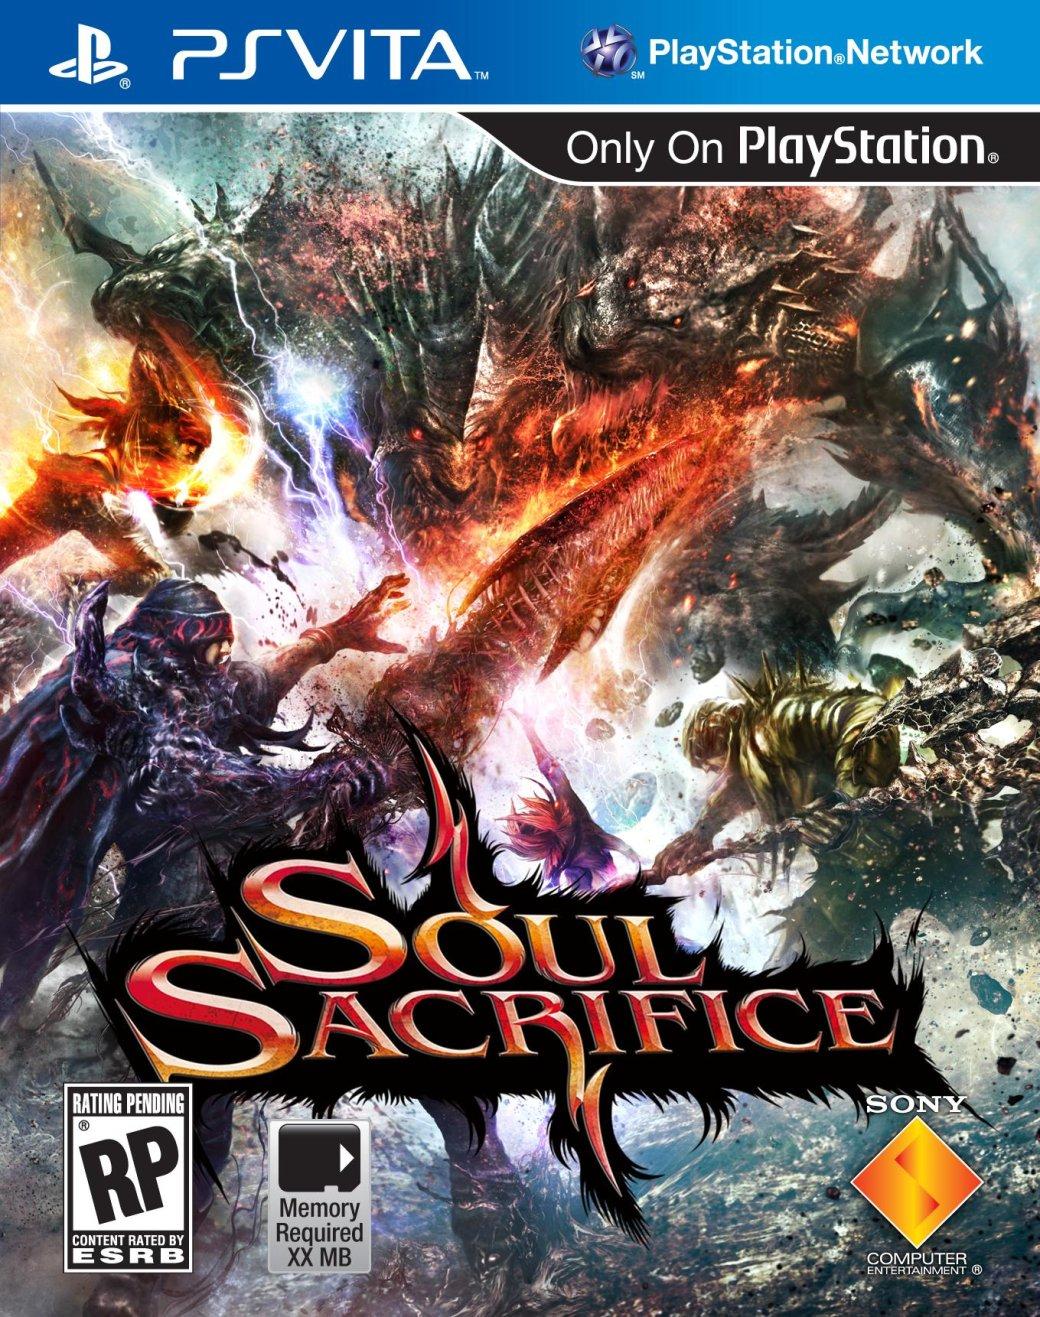 Бокс-арт и дата выхода Soul Sacrifice